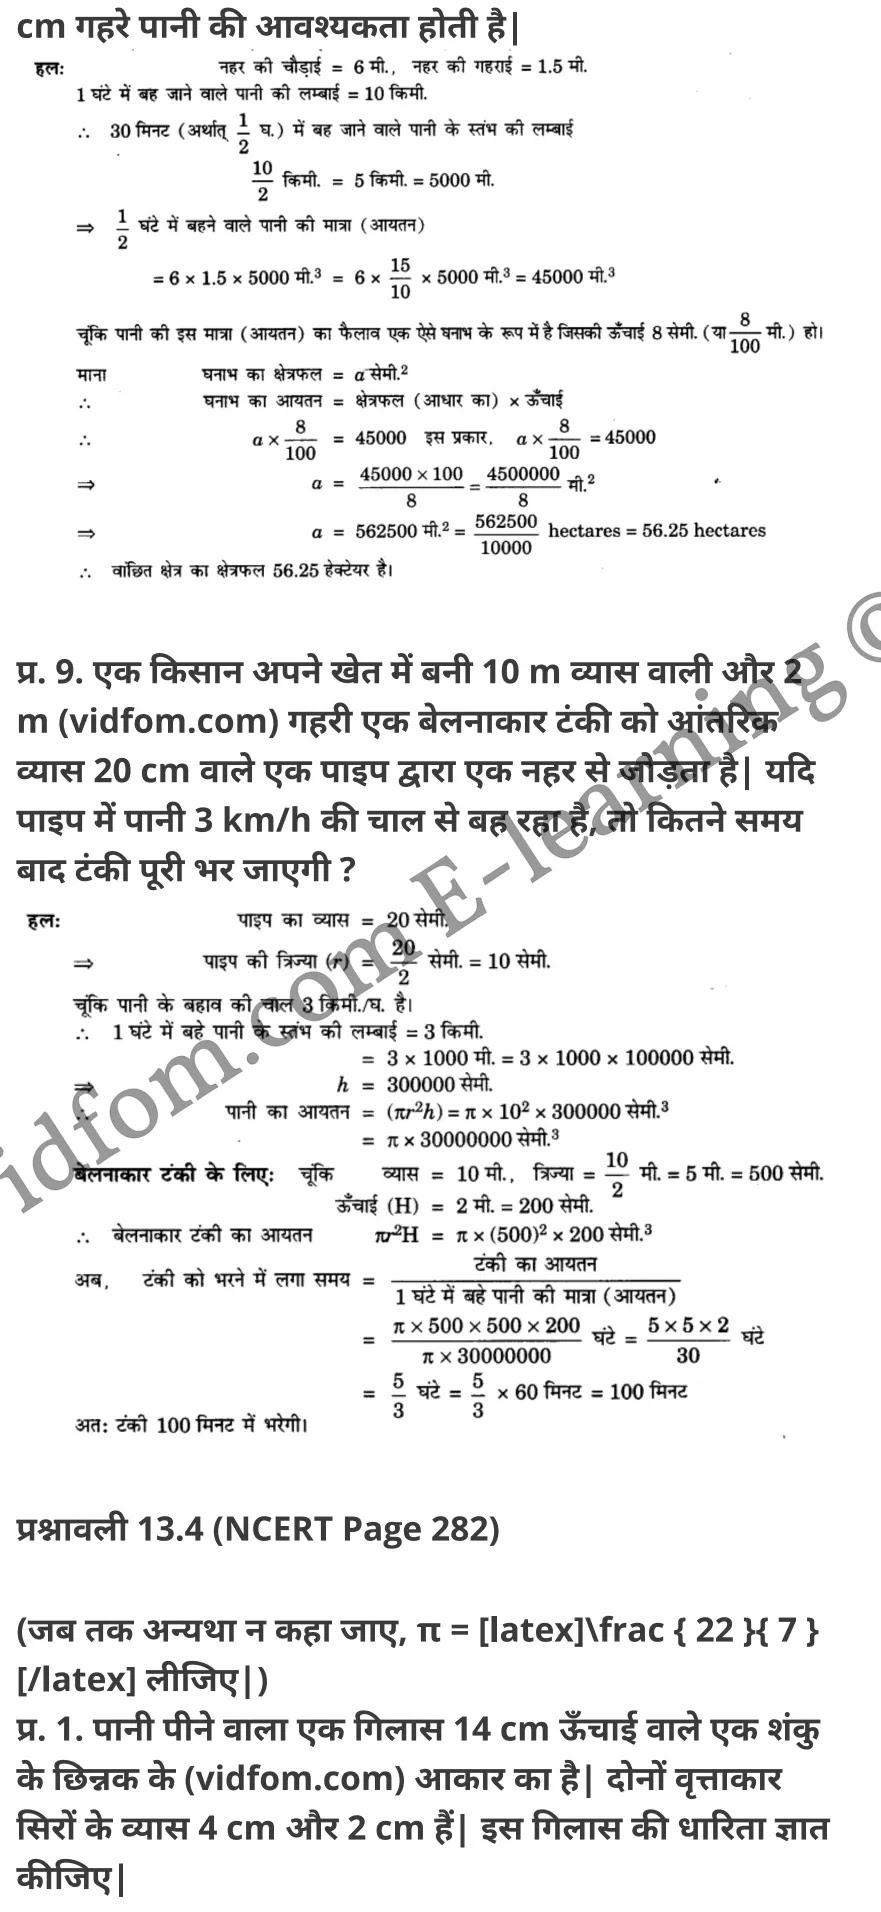 कक्षा 10 गणित  के नोट्स  हिंदी में एनसीईआरटी समाधान,     class 10 Maths chapter 13,   class 10 Maths chapter 13 ncert solutions in Maths,  class 10 Maths chapter 13 notes in hindi,   class 10 Maths chapter 13 question answer,   class 10 Maths chapter 13 notes,   class 10 Maths chapter 13 class 10 Maths  chapter 13 in  hindi,    class 10 Maths chapter 13 important questions in  hindi,   class 10 Maths hindi  chapter 13 notes in hindi,   class 10 Maths  chapter 13 test,   class 10 Maths  chapter 13 class 10 Maths  chapter 13 pdf,   class 10 Maths  chapter 13 notes pdf,   class 10 Maths  chapter 13 exercise solutions,  class 10 Maths  chapter 13,  class 10 Maths  chapter 13 notes study rankers,  class 10 Maths  chapter 13 notes,   class 10 Maths hindi  chapter 13 notes,    class 10 Maths   chapter 13  class 10  notes pdf,  class 10 Maths  chapter 13 class 10  notes  ncert,  class 10 Maths  chapter 13 class 10 pdf,   class 10 Maths  chapter 13  book,   class 10 Maths  chapter 13 quiz class 10  ,    10  th class 10 Maths chapter 13  book up board,   up board 10  th class 10 Maths chapter 13 notes,  class 10 Maths,   class 10 Maths ncert solutions in Maths,   class 10 Maths notes in hindi,   class 10 Maths question answer,   class 10 Maths notes,  class 10 Maths class 10 Maths  chapter 13 in  hindi,    class 10 Maths important questions in  hindi,   class 10 Maths notes in hindi,    class 10 Maths test,  class 10 Maths class 10 Maths  chapter 13 pdf,   class 10 Maths notes pdf,   class 10 Maths exercise solutions,   class 10 Maths,  class 10 Maths notes study rankers,   class 10 Maths notes,  class 10 Maths notes,   class 10 Maths  class 10  notes pdf,   class 10 Maths class 10  notes  ncert,   class 10 Maths class 10 pdf,   class 10 Maths  book,  class 10 Maths quiz class 10  ,  10  th class 10 Maths    book up board,    up board 10  th class 10 Maths notes,      कक्षा 10 गणित अध्याय 13 ,  कक्षा 10 गणित, कक्षा 10 गणित अध्याय 13  के नोट्स हिंदी में,  कक्षा 10 का गणित अध्य